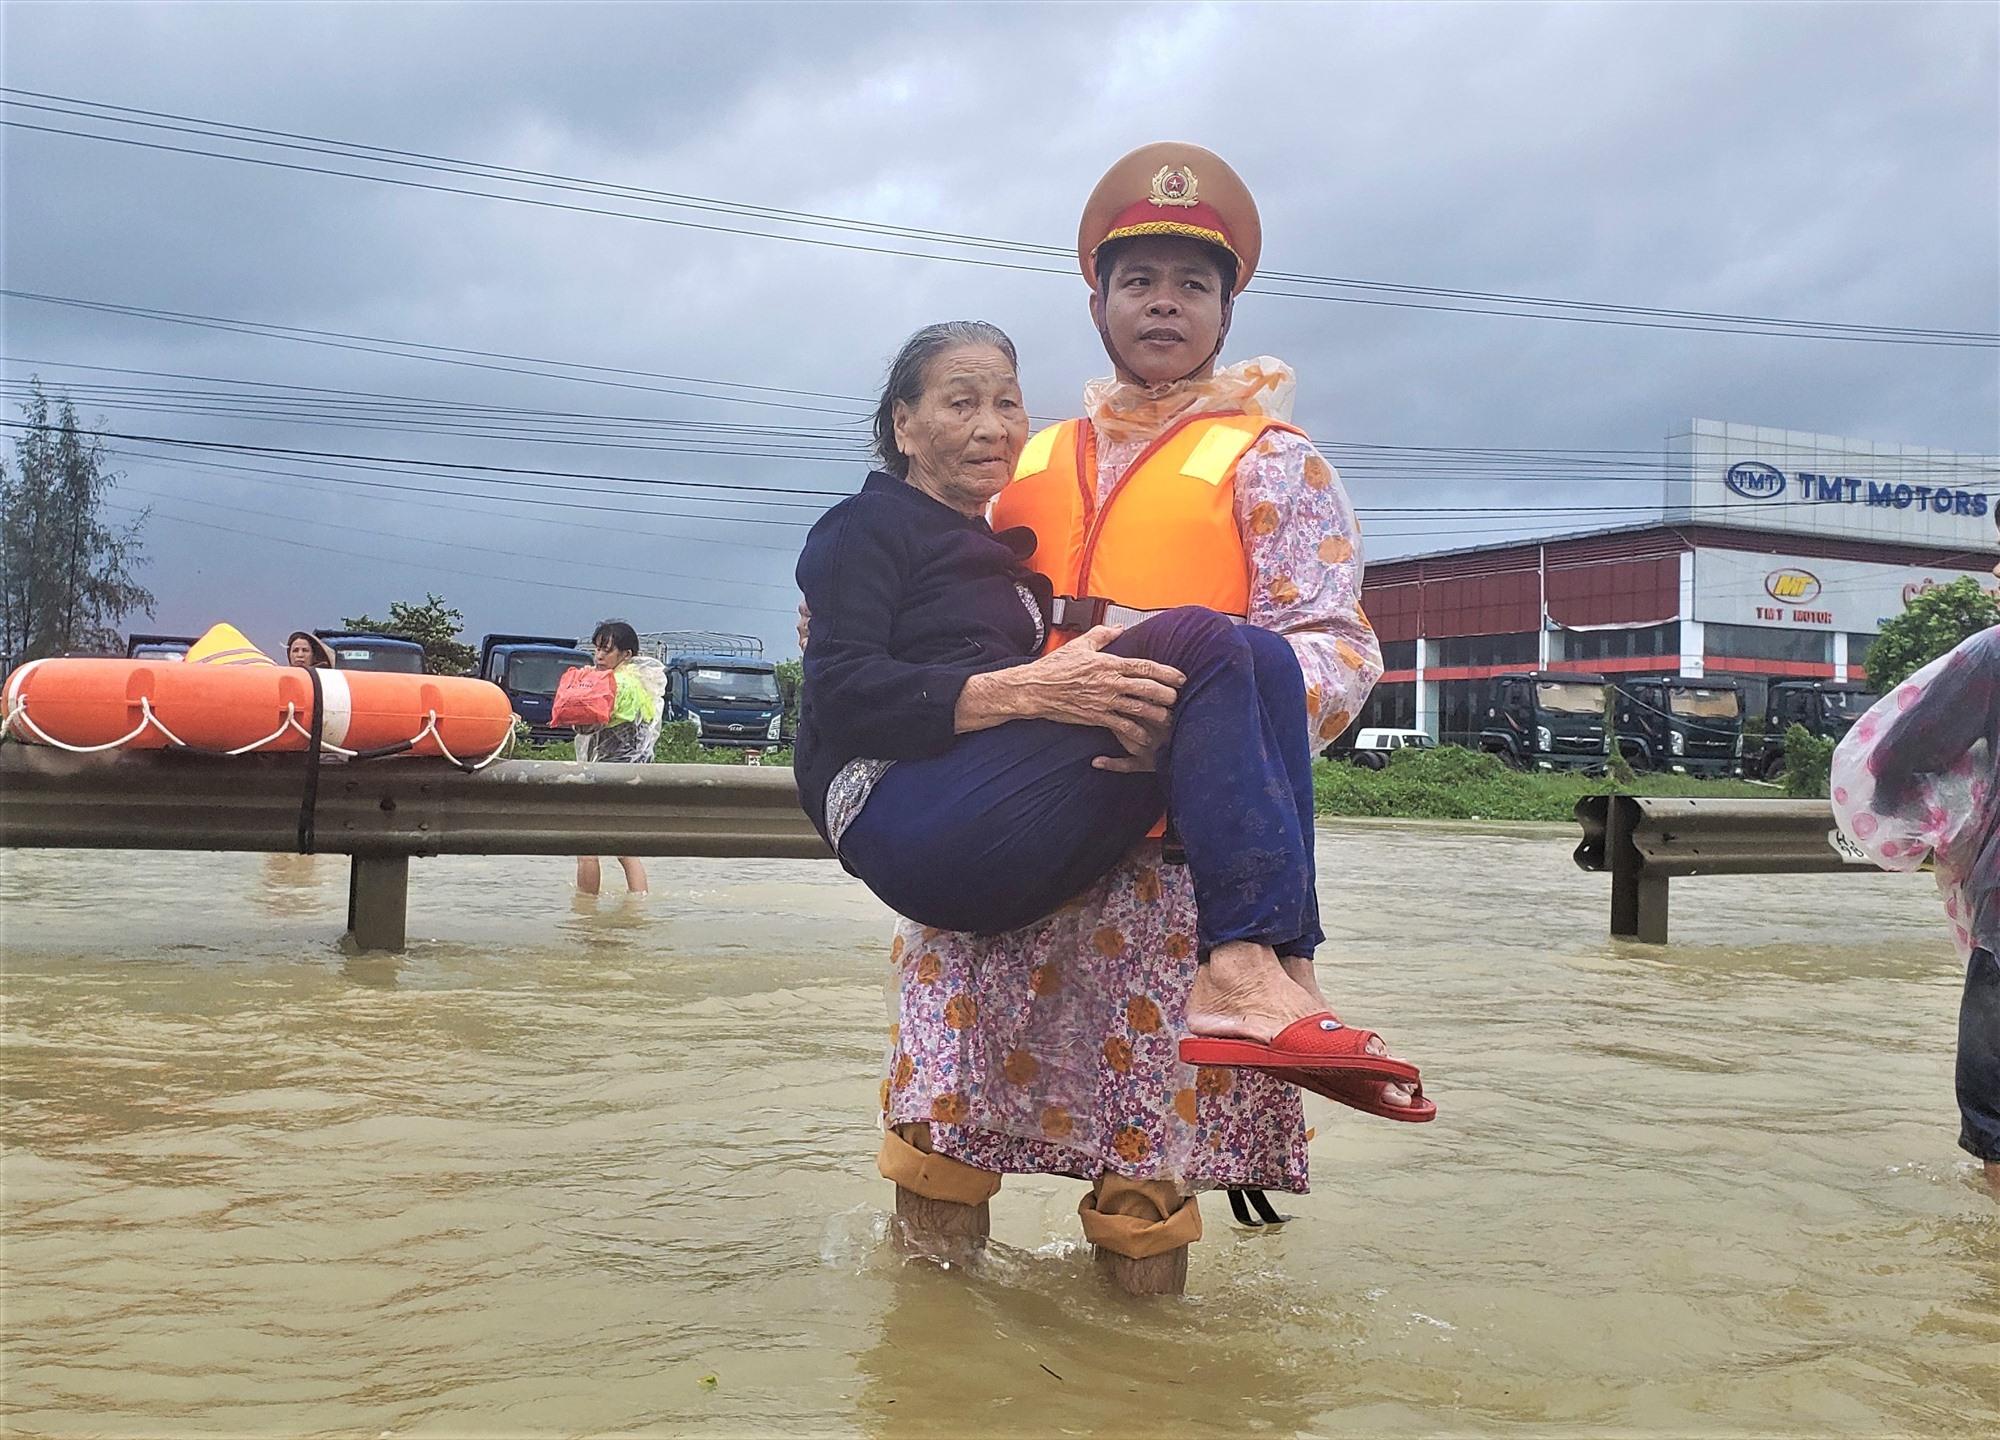 Cán bộ Phòng Cảnh sát đường thủy Công an tỉnh Quảng Nam bồng cụ già qua khỏi dòng nước lũ. Ảnh: L.T